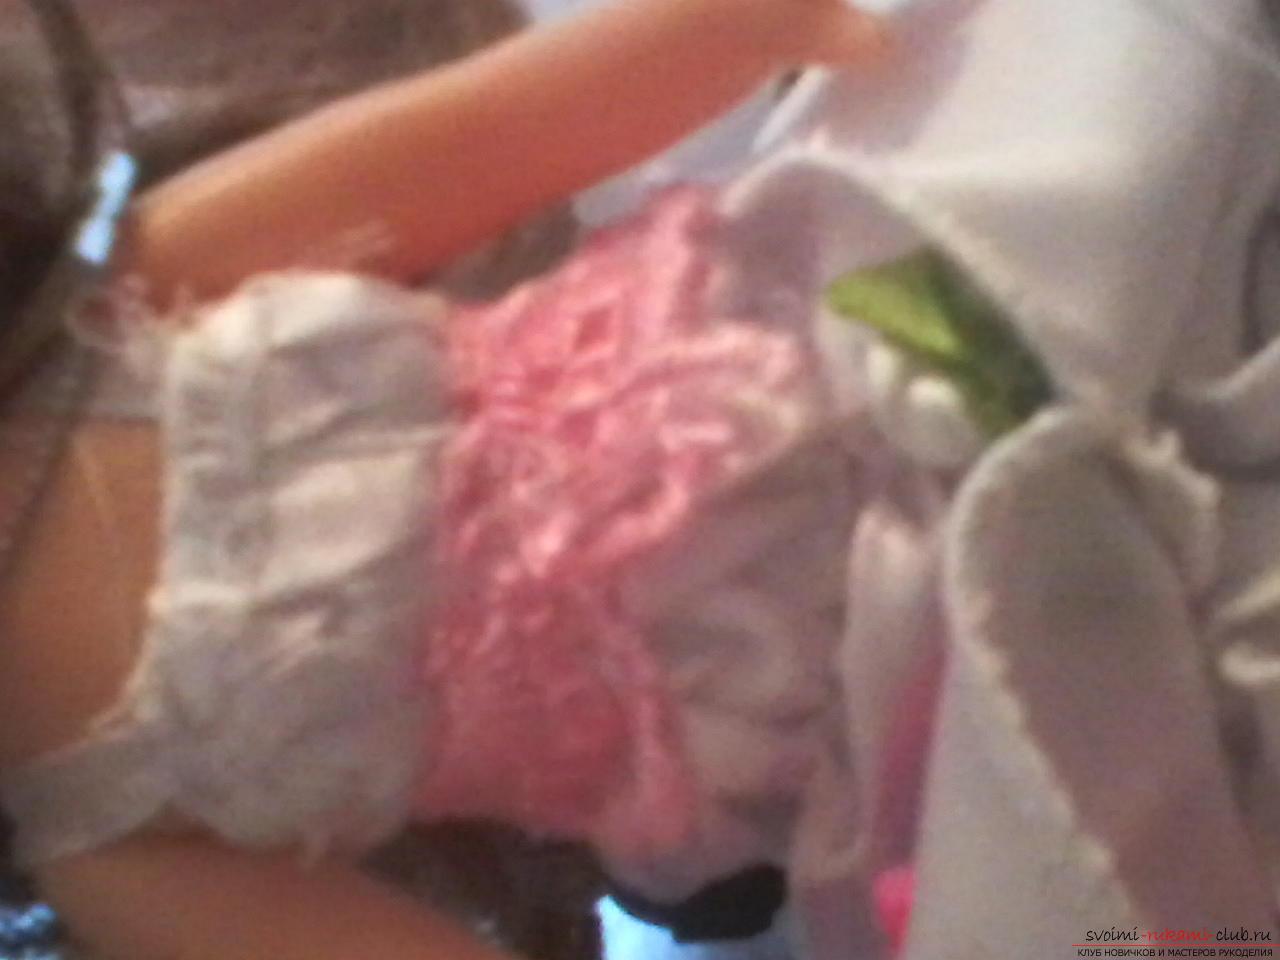 Сделать куклу-шкатулку своими руками легко и просто. Такая кукла может послужить не только игрушкой для ребенка, но и сбережет ваши украшения.. Фото №4